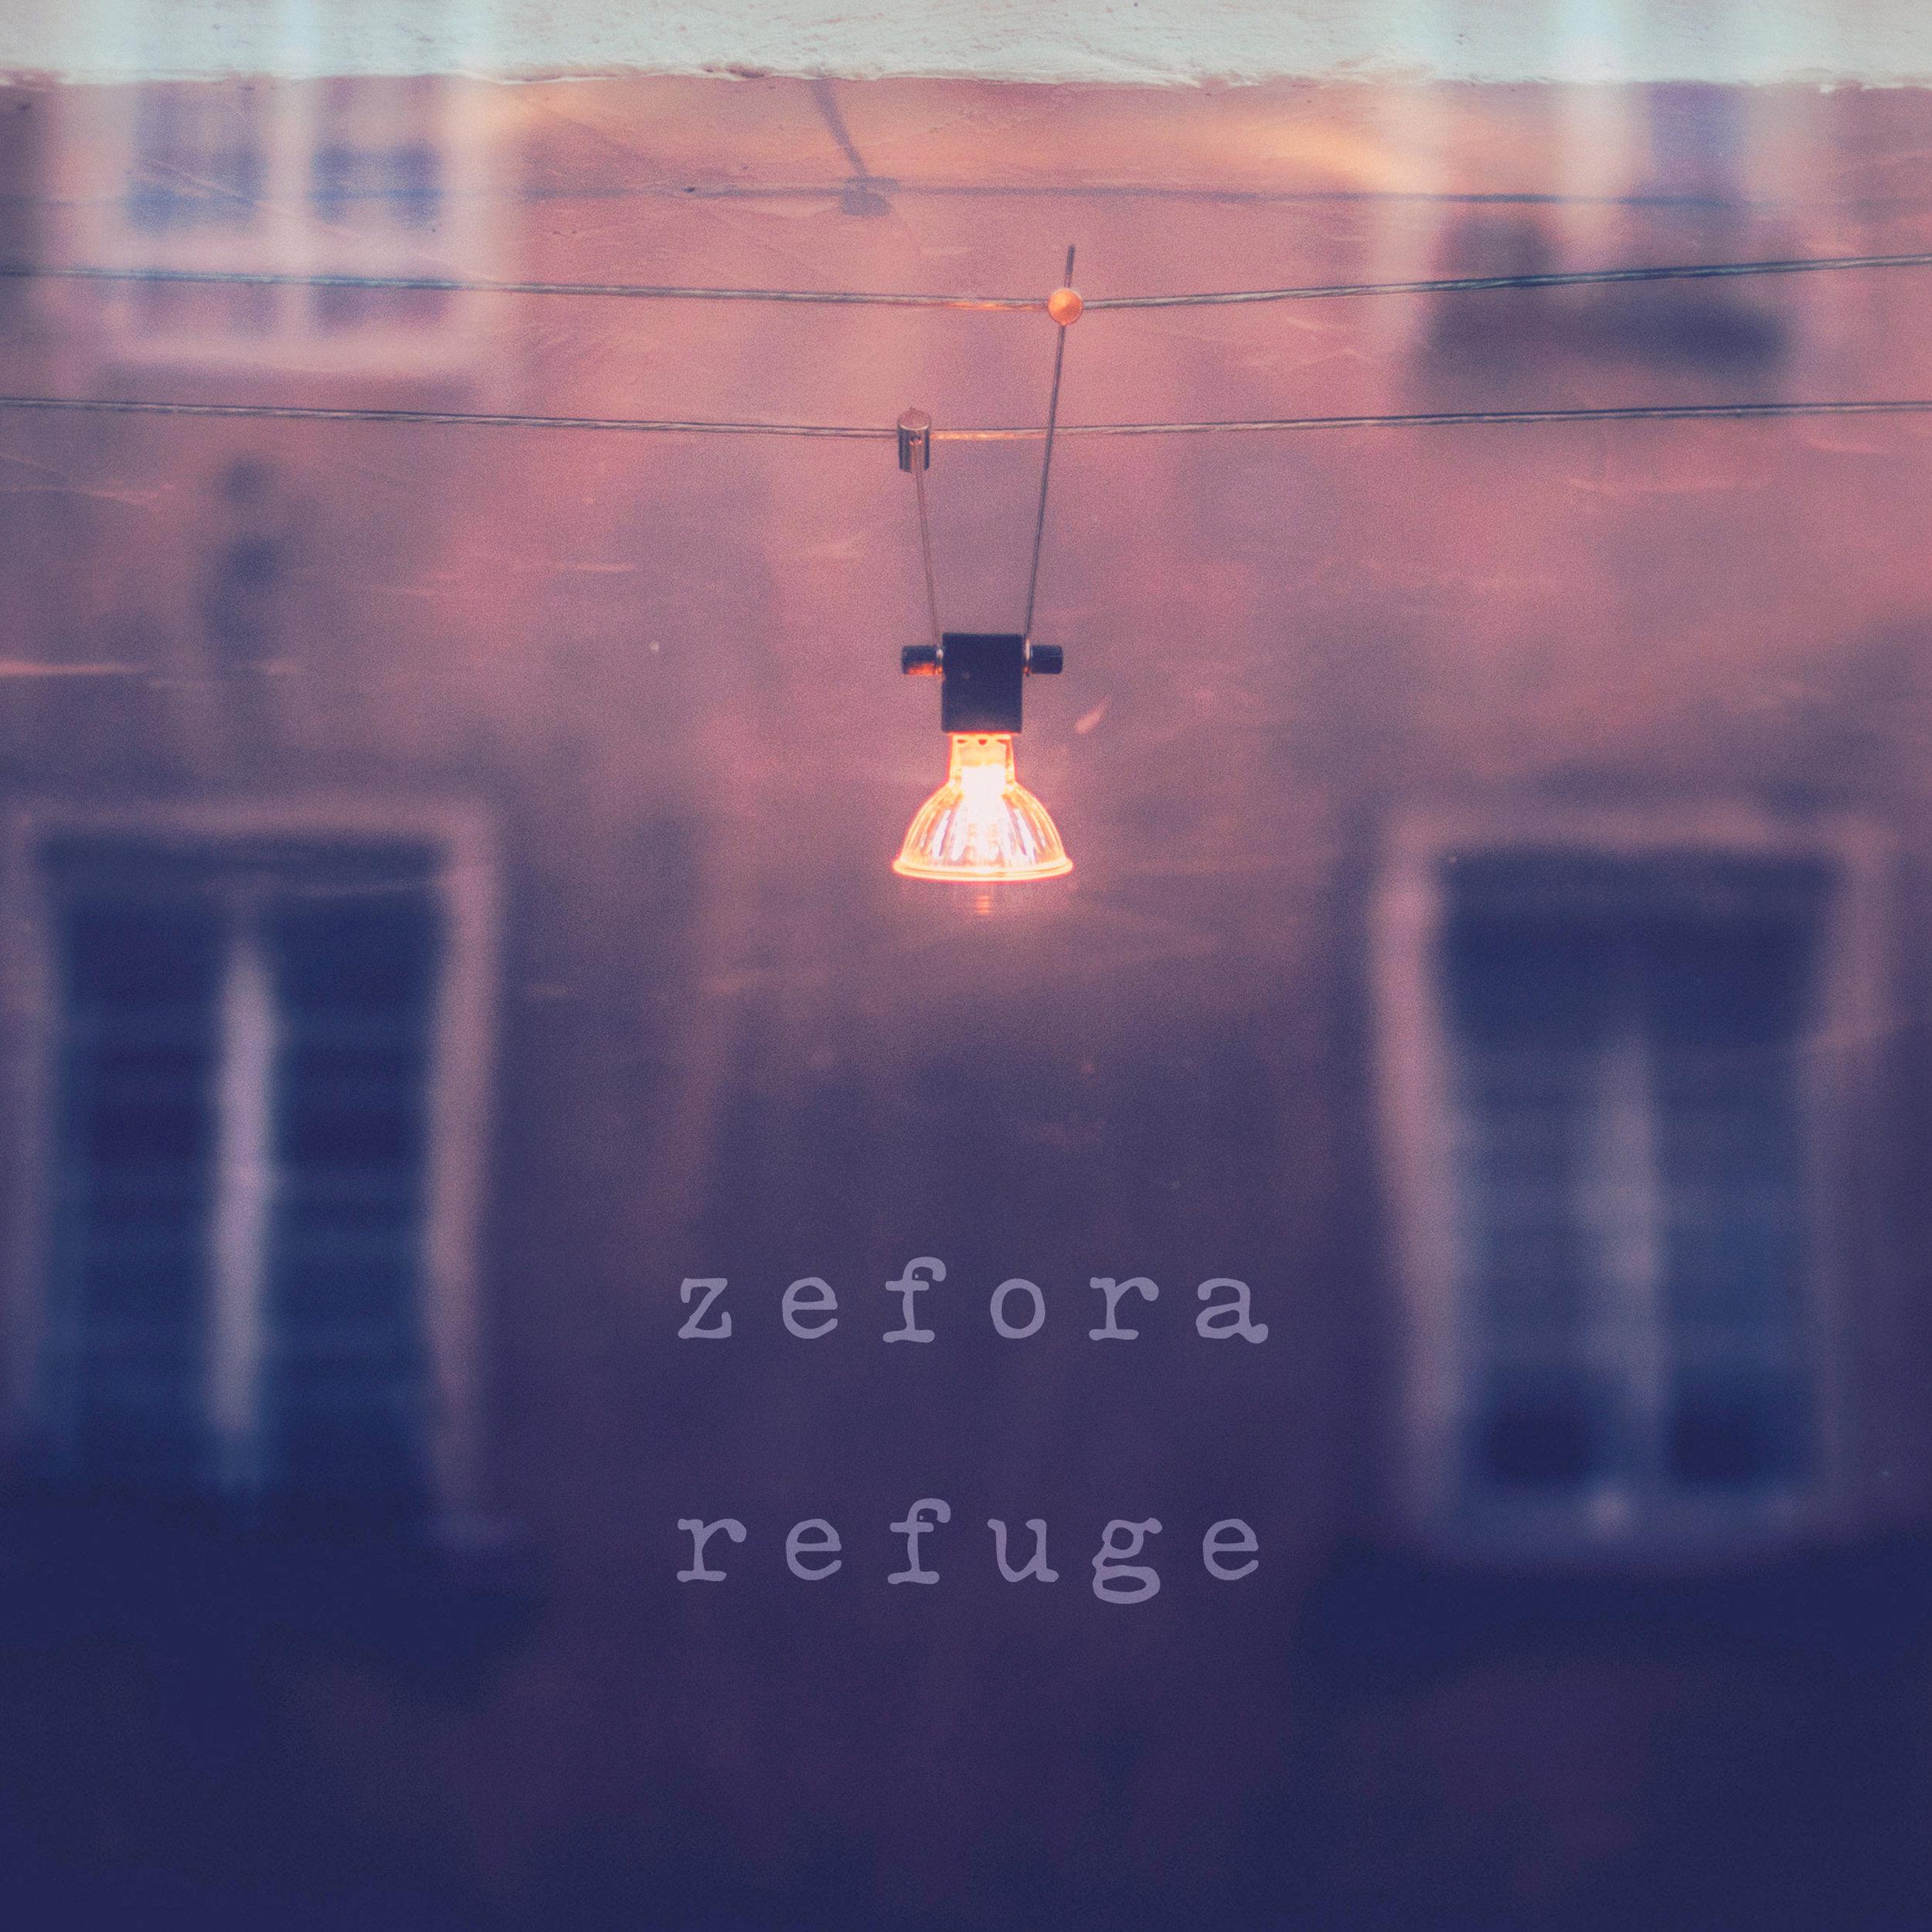 zefora refuge single art.jpg